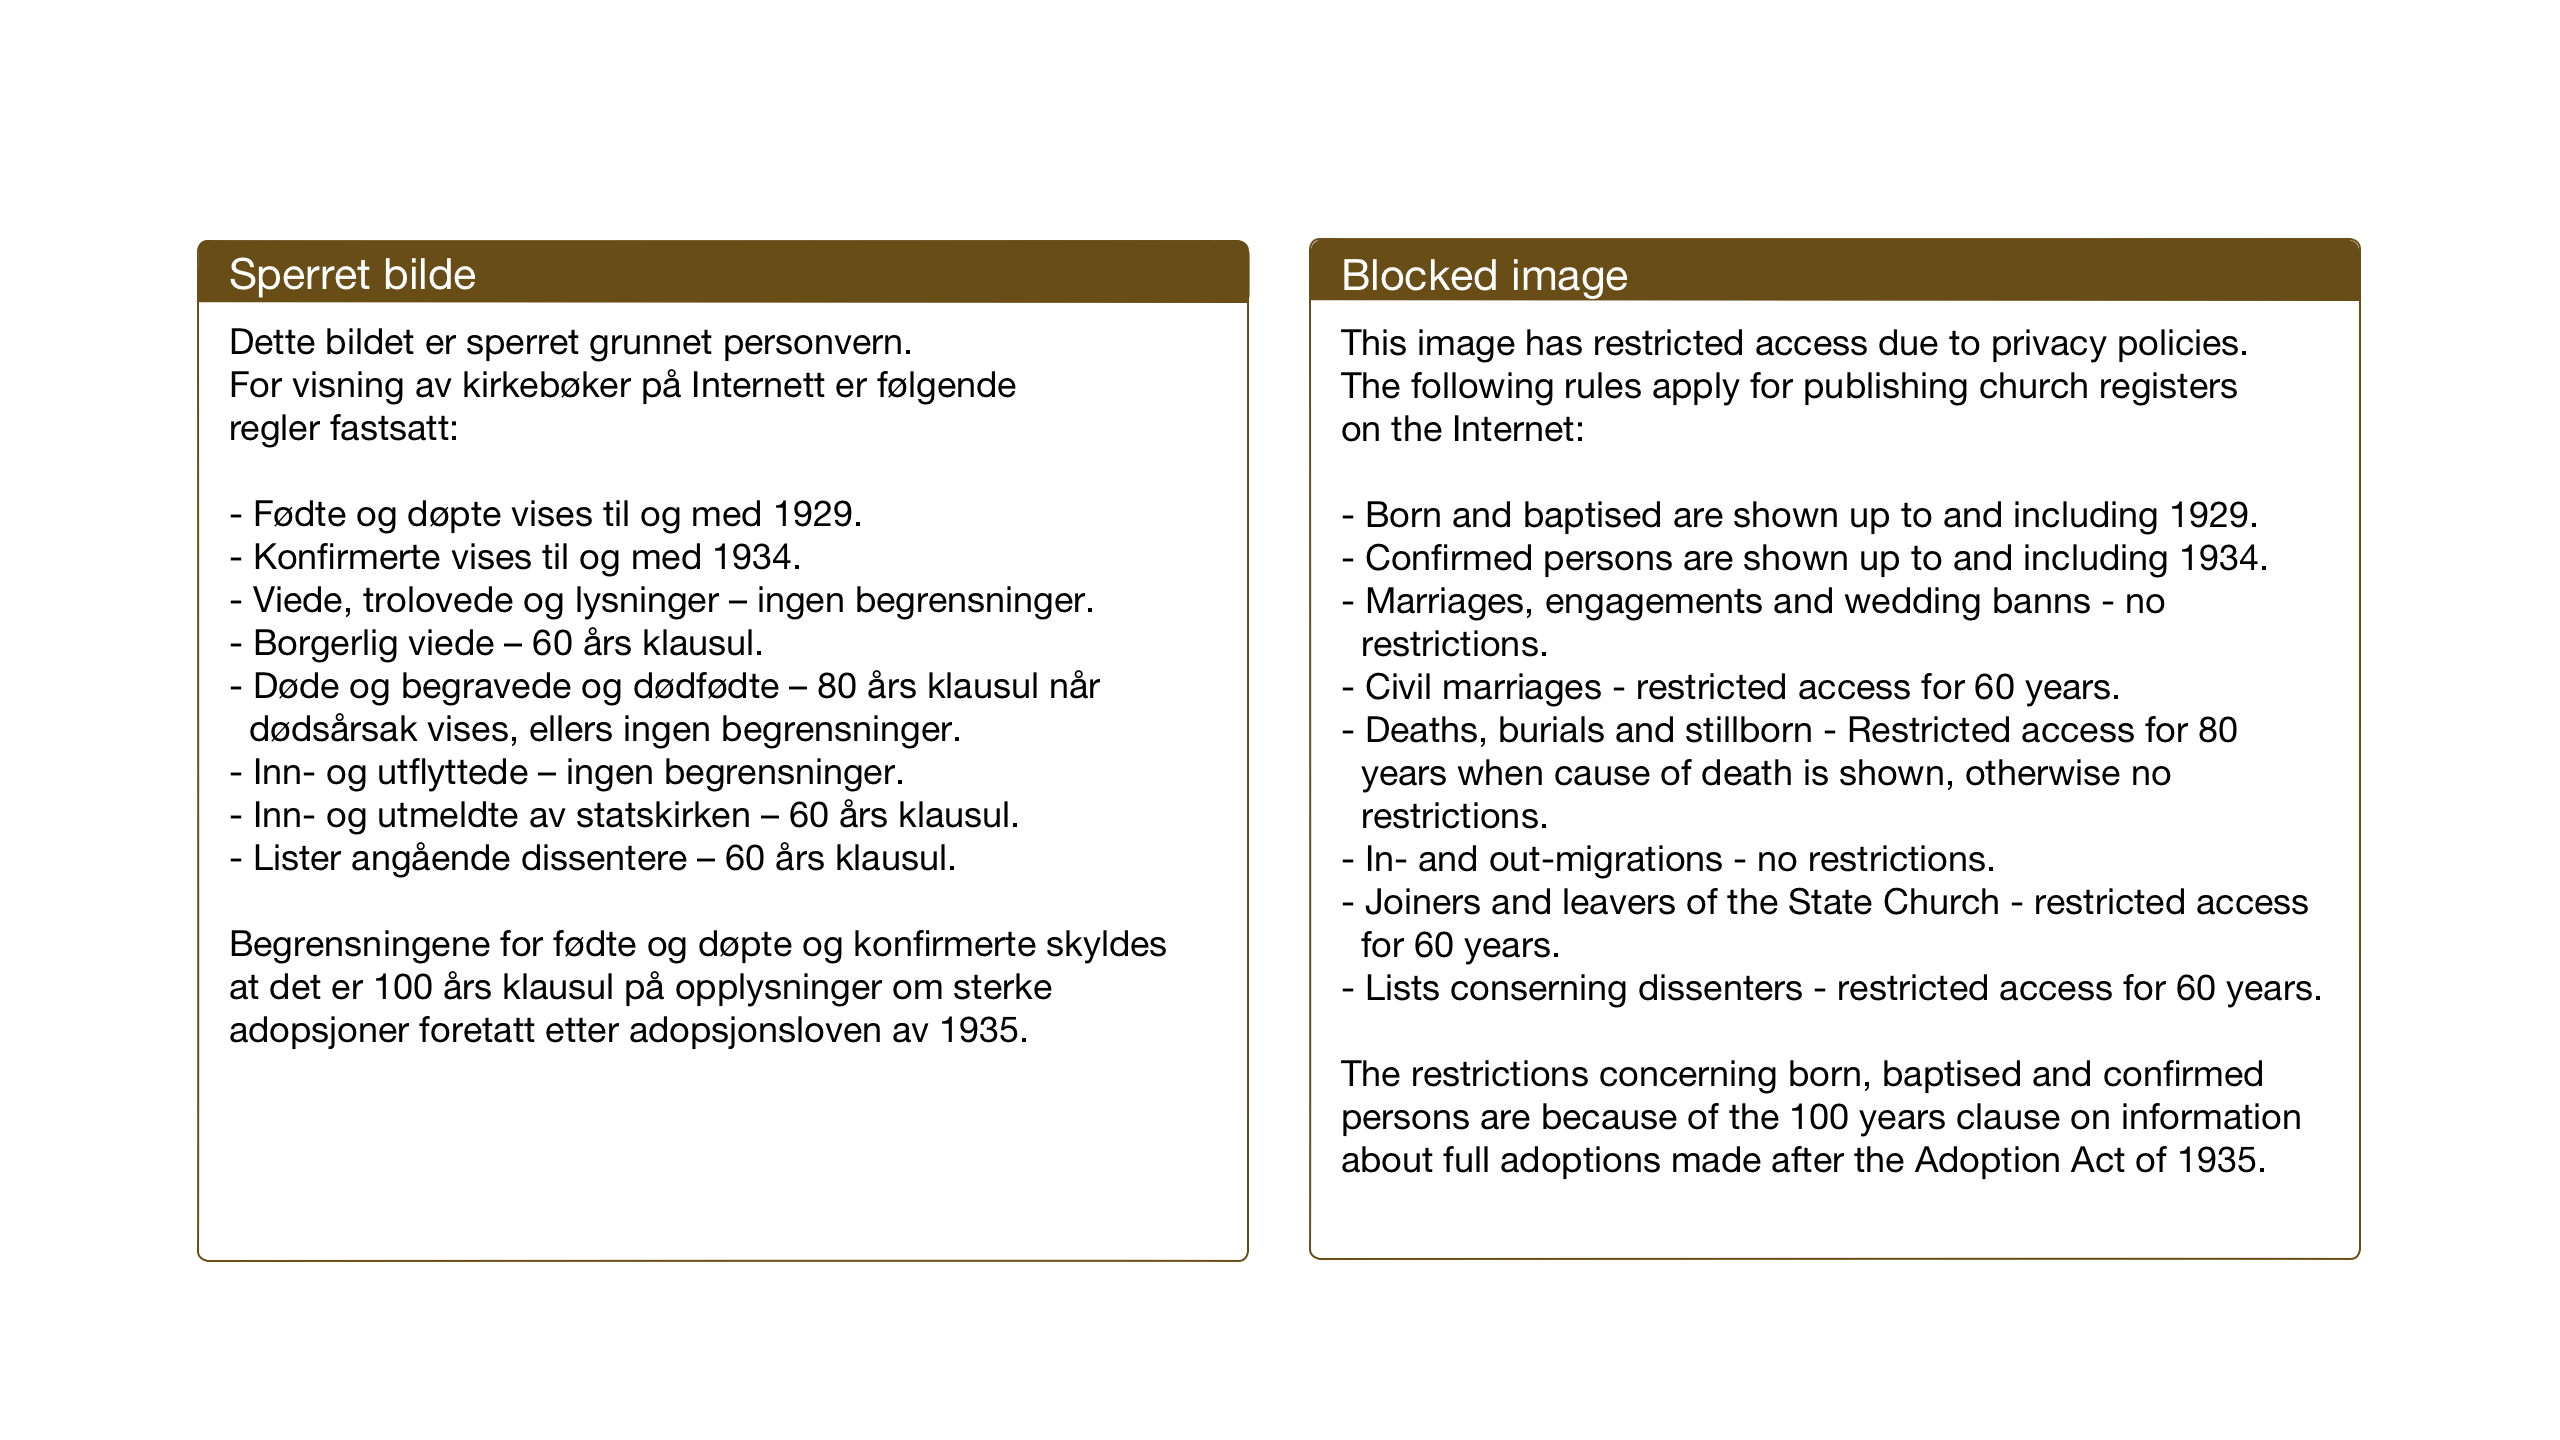 SAT, Ministerialprotokoller, klokkerbøker og fødselsregistre - Sør-Trøndelag, 698/L1169: Klokkerbok nr. 698C06, 1930-1949, s. 88